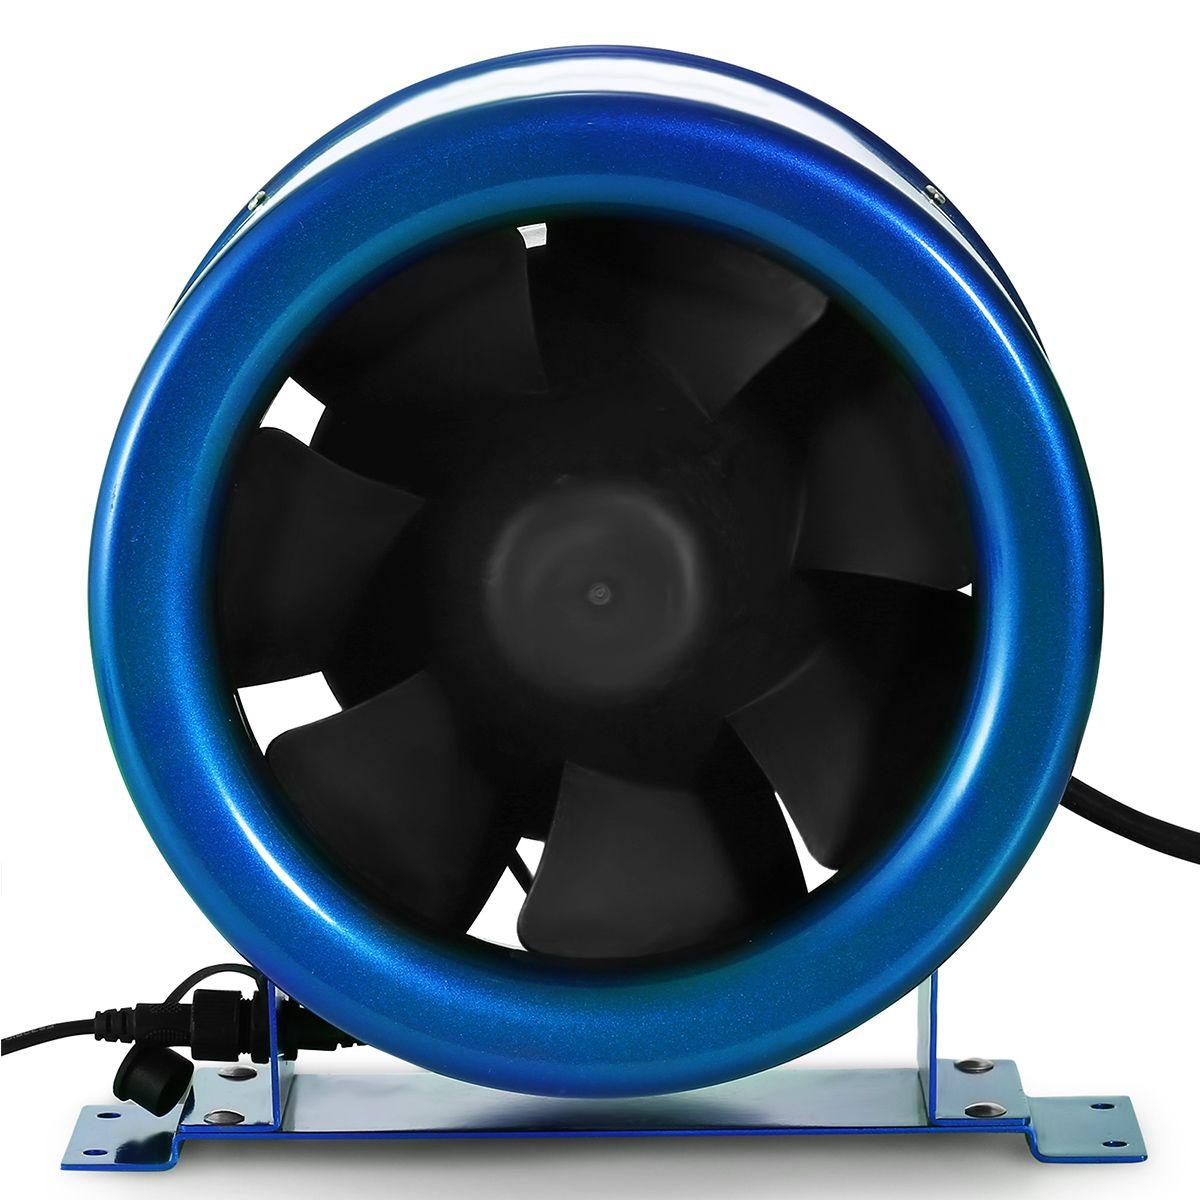 """Hyper fan 250mm - 1810 m3//h 10/"""" Silenced"""